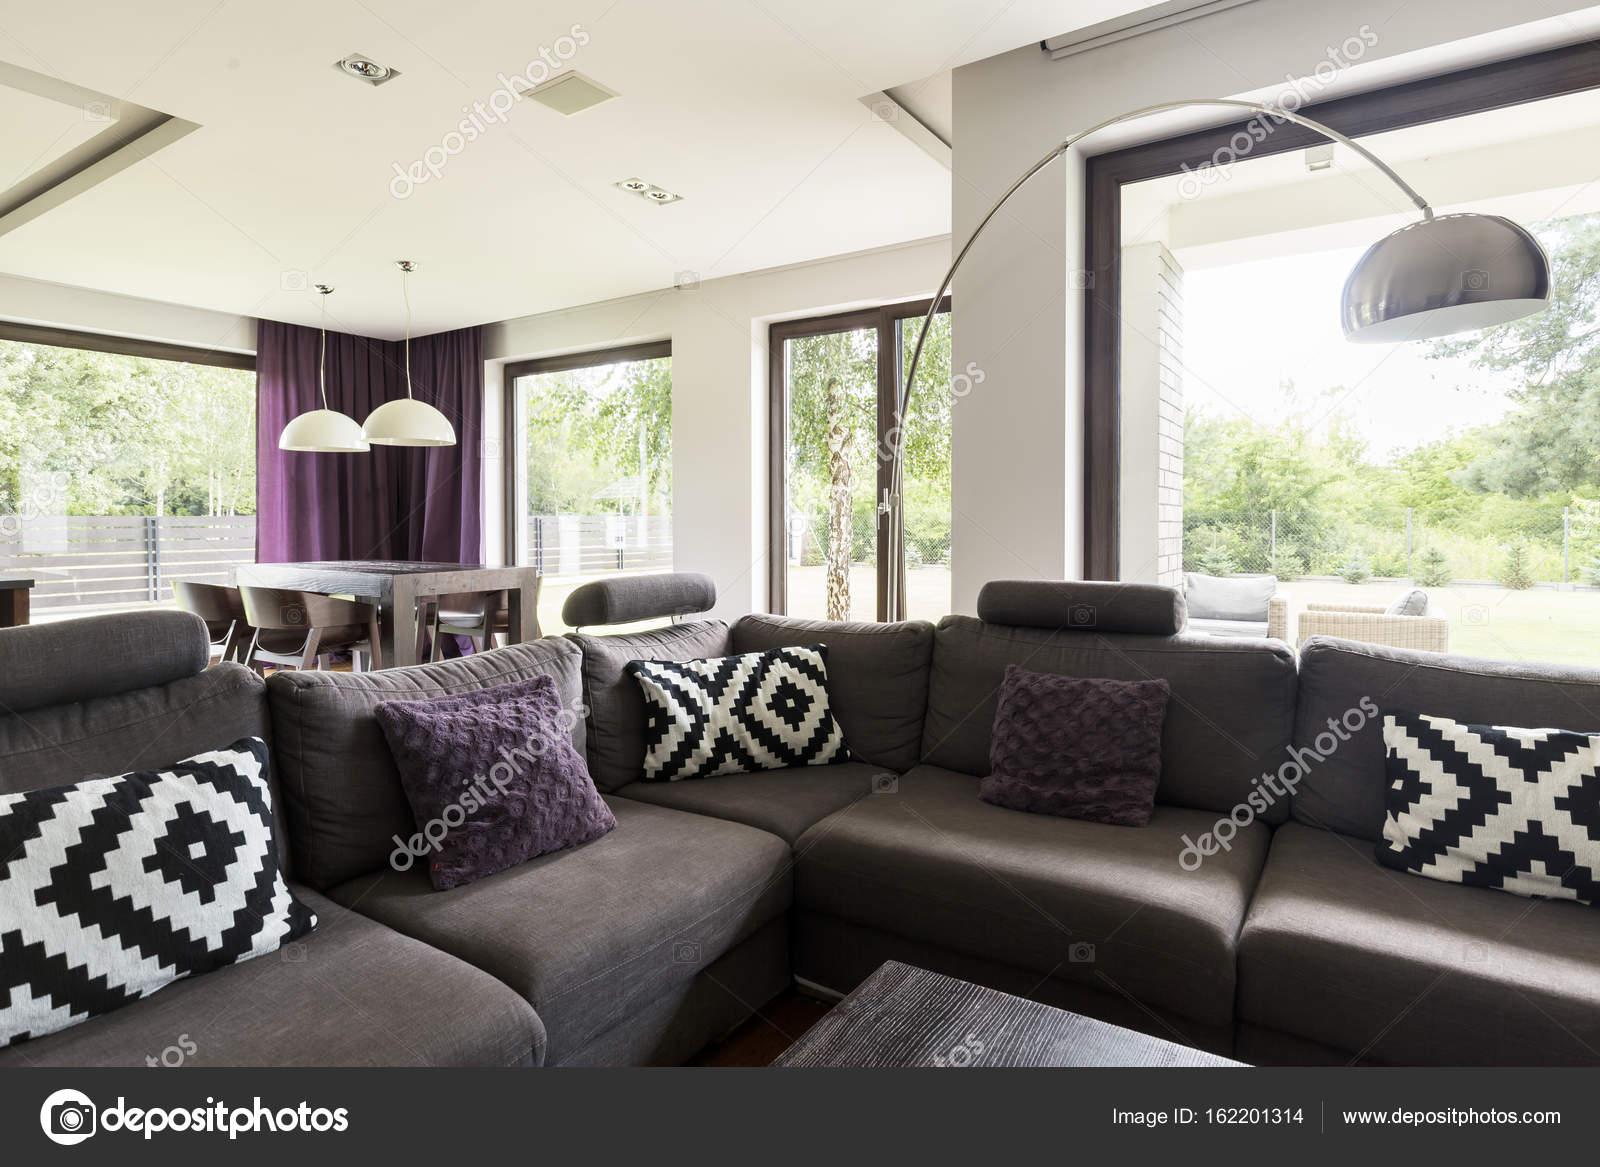 Wohnzimmer Mit Graue Couch Stockfoto C Photographee Eu 162201314